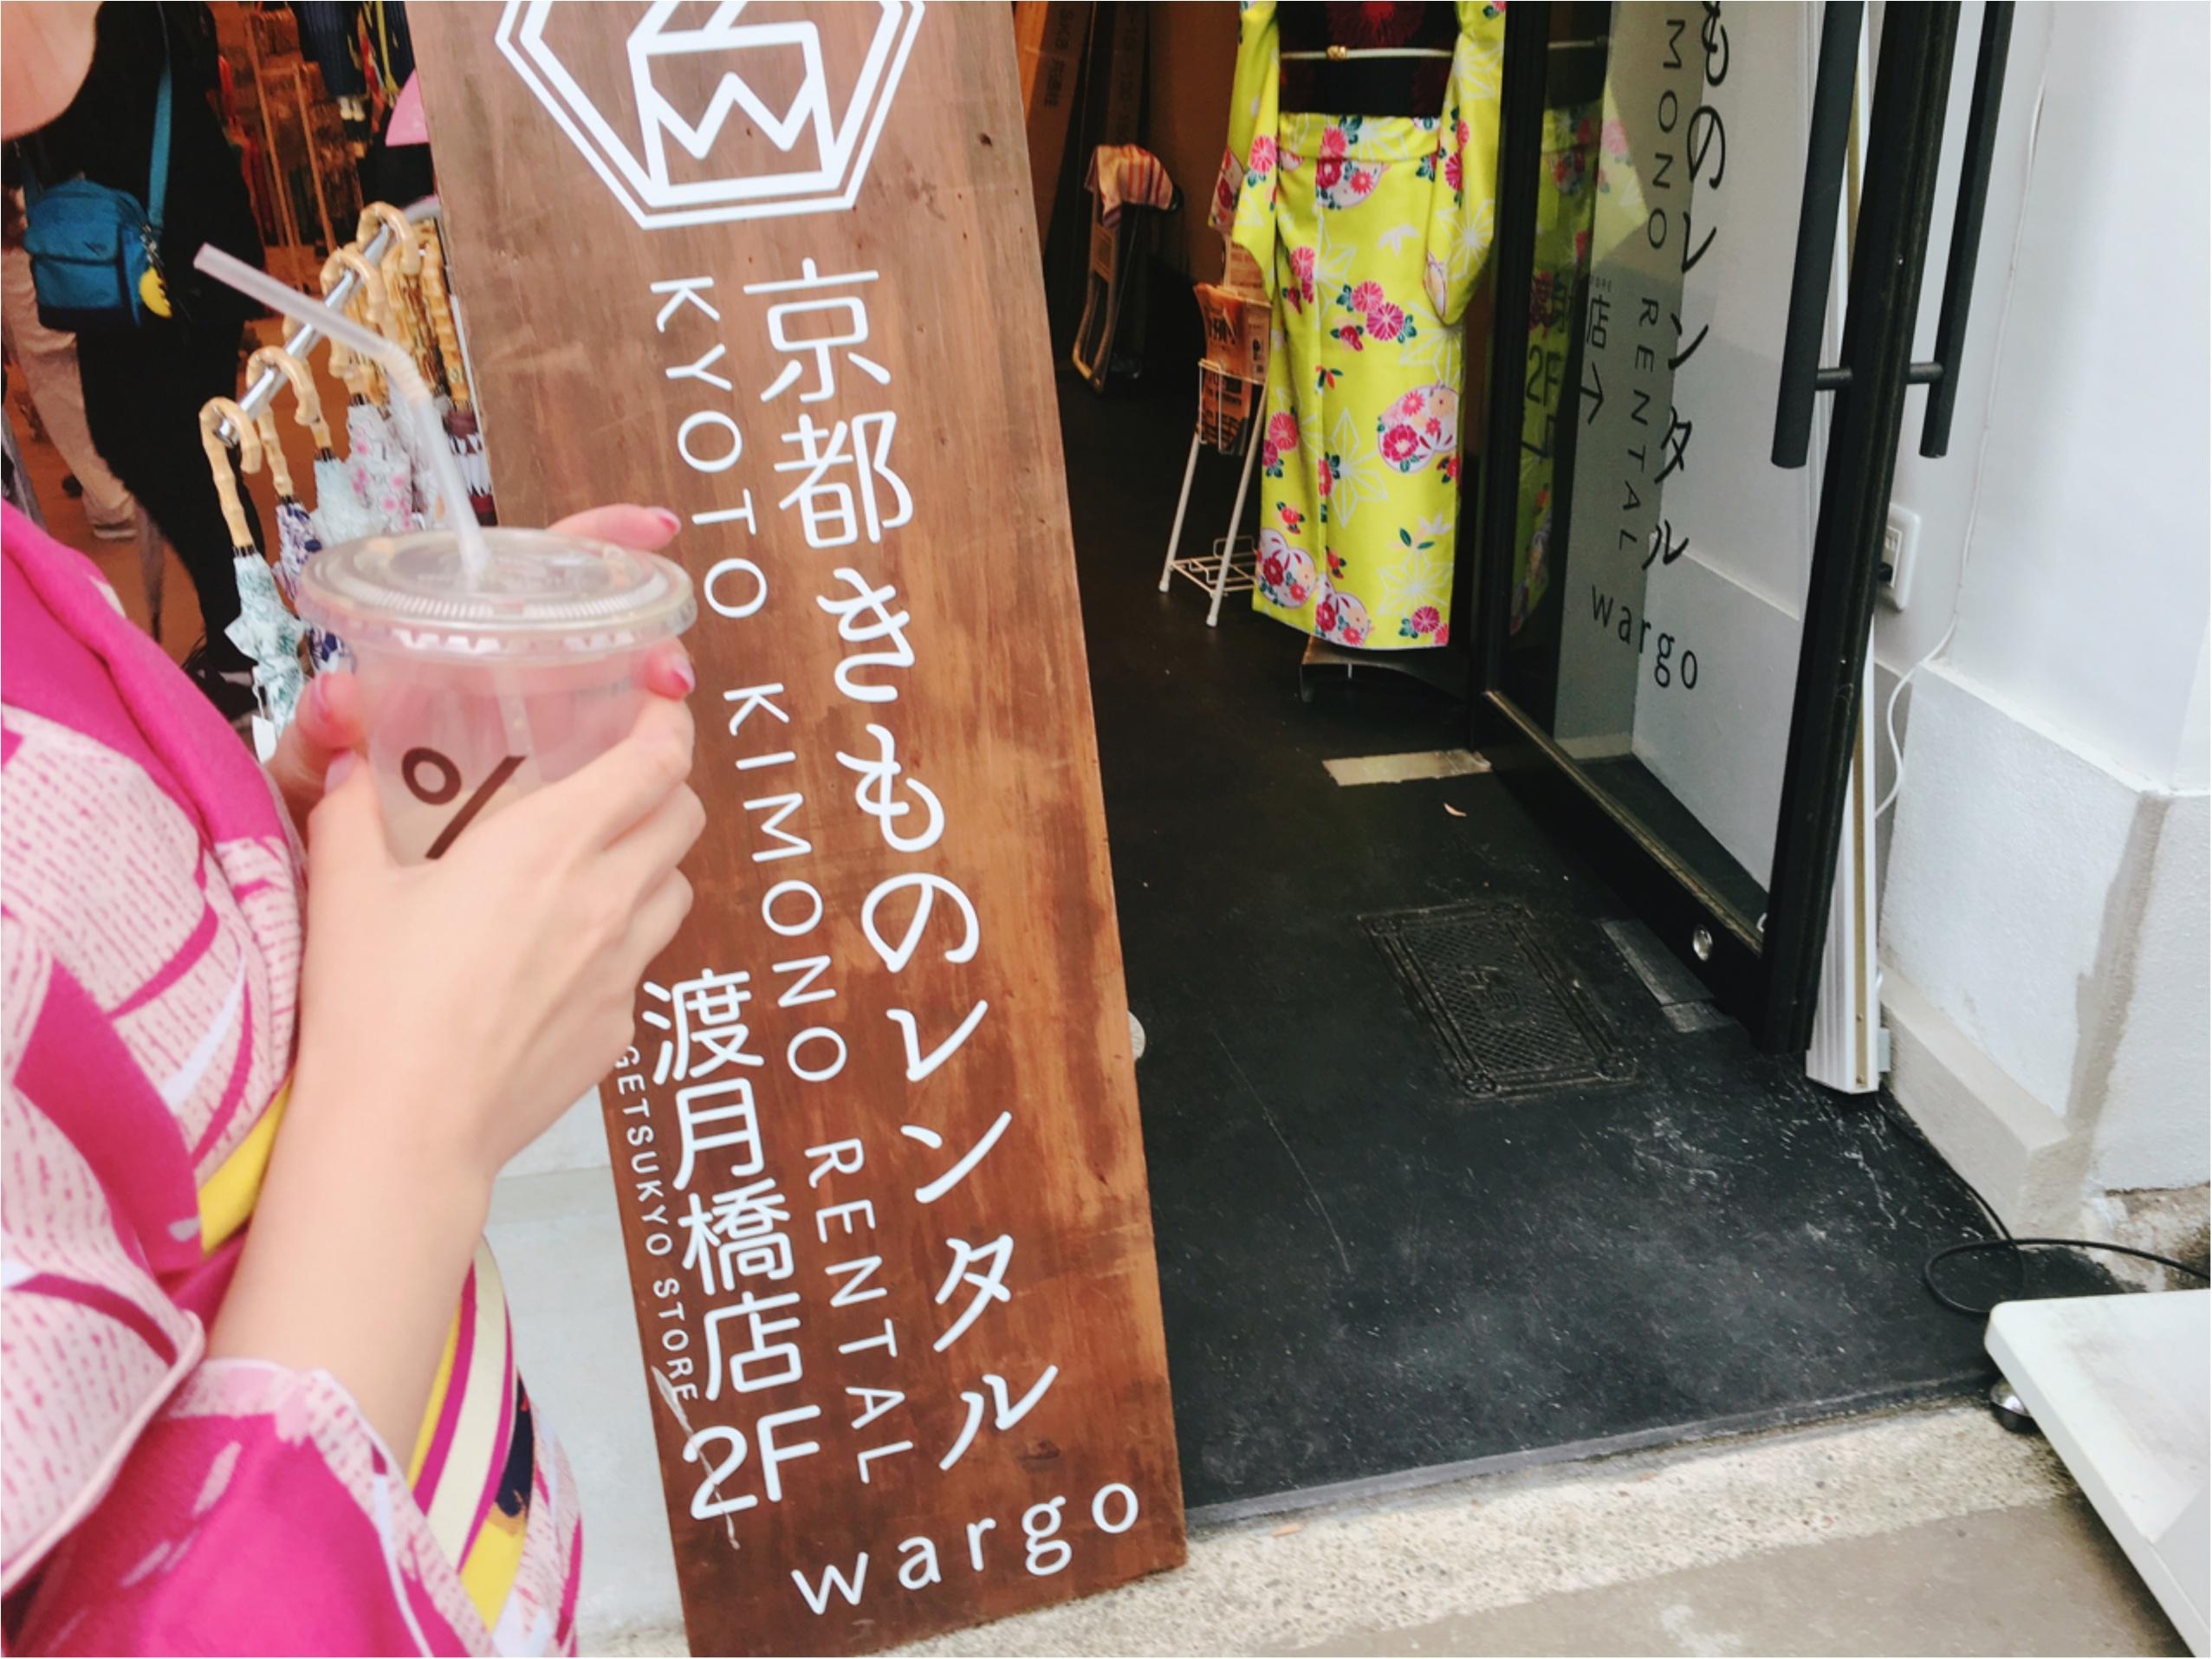 京都女子旅特集《2019年版》- 旅する女子がおすすめする、インスタ映えスポットやカフェ、レンタル着物は?_75